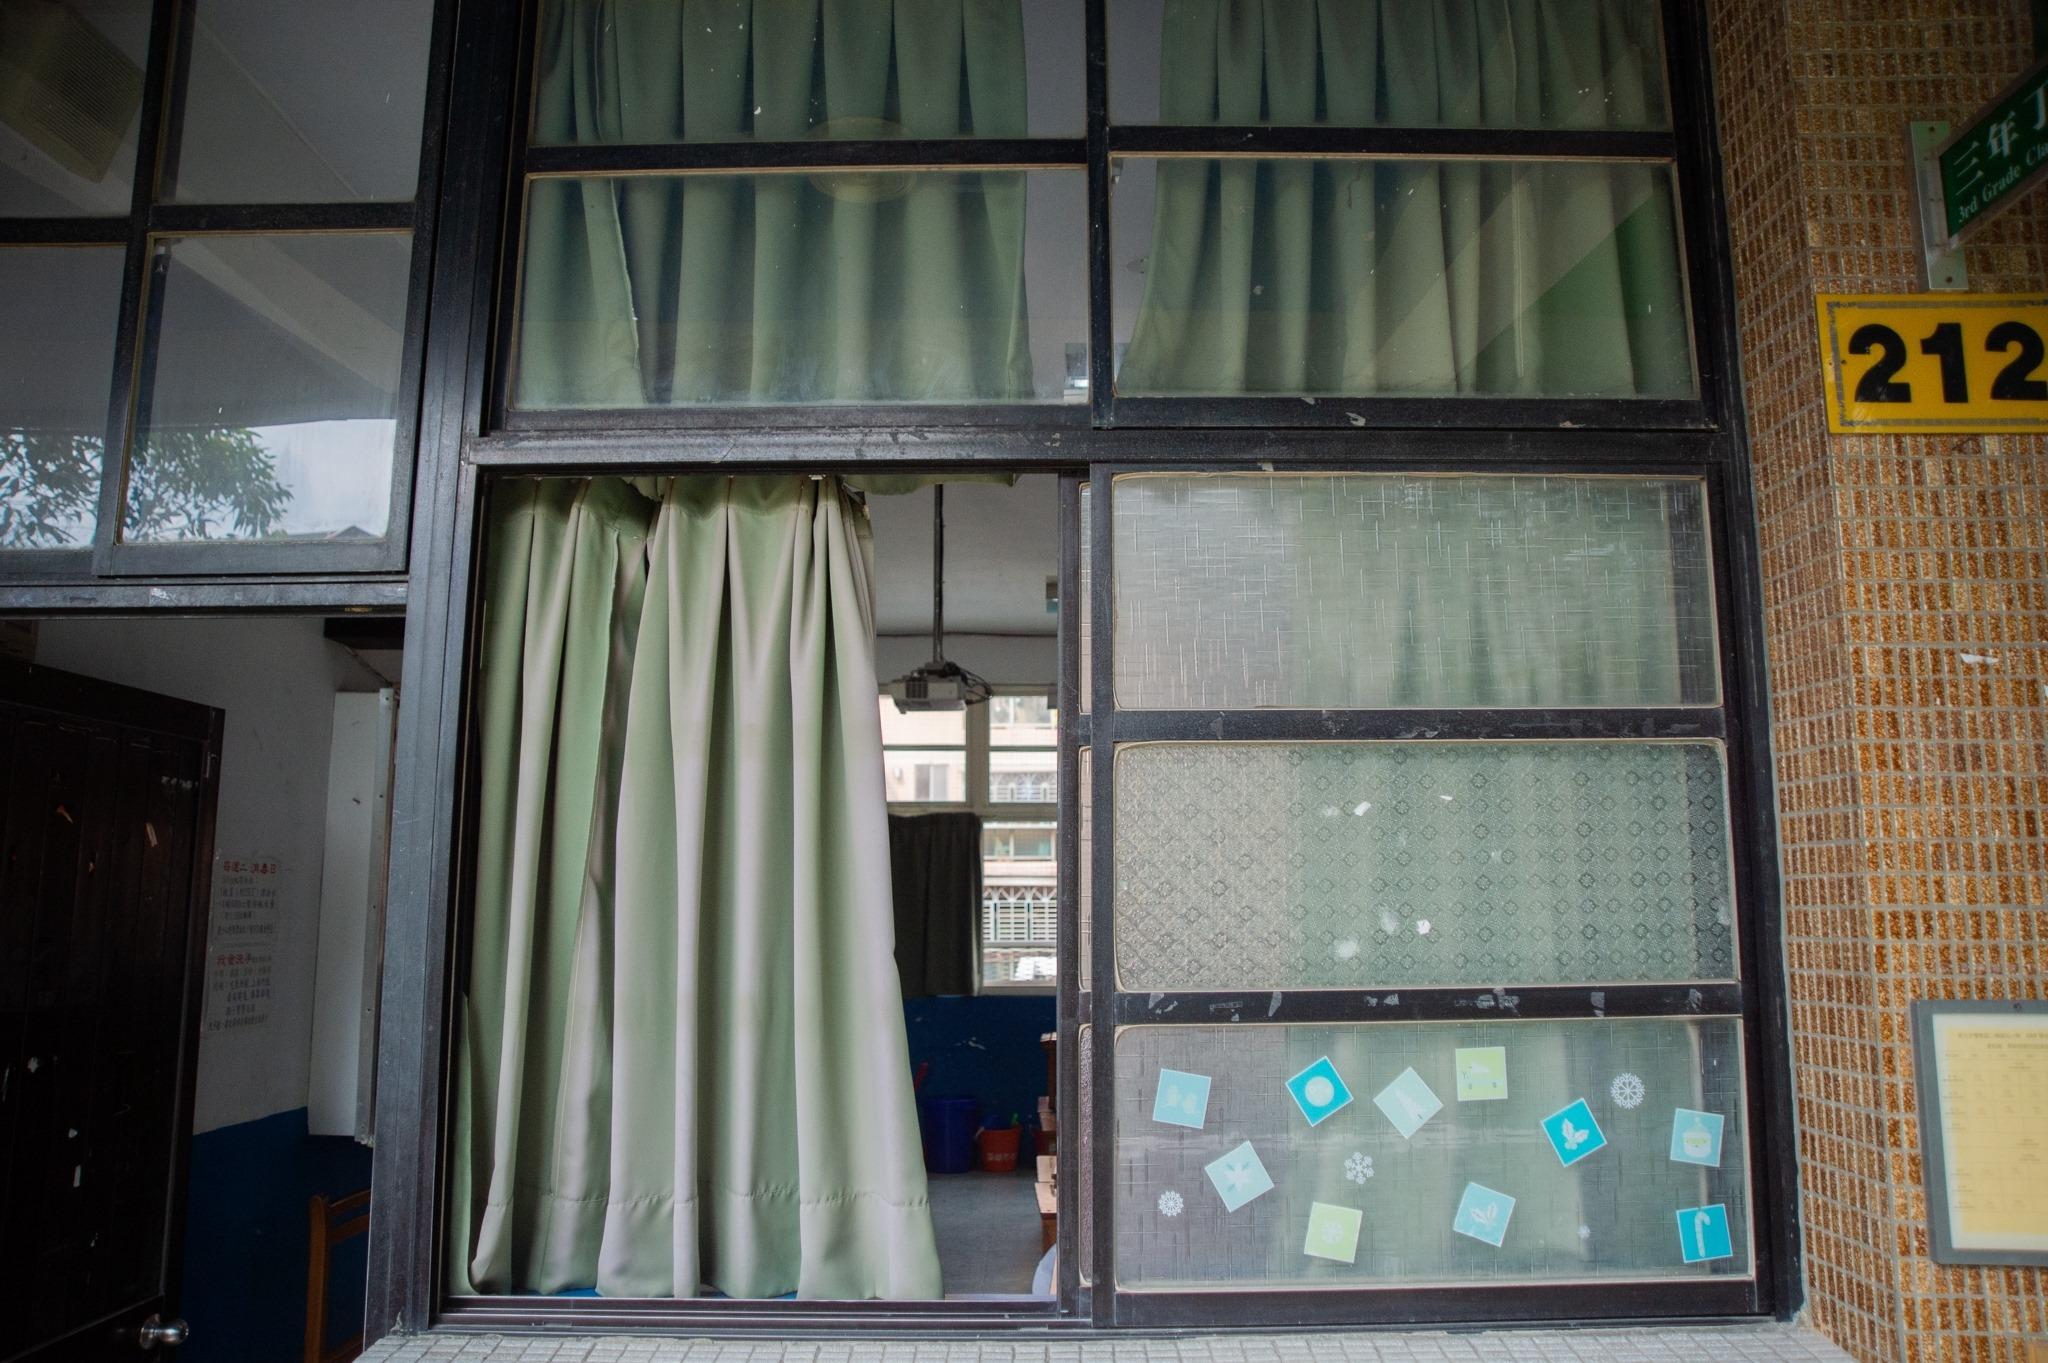 二橋國小門窗還是老式毛玻璃,不是無法正常開啟,就是一打開就掉下來,爭取到整新汰換經費,希望新學期就給孩子們全新、安全的門窗!